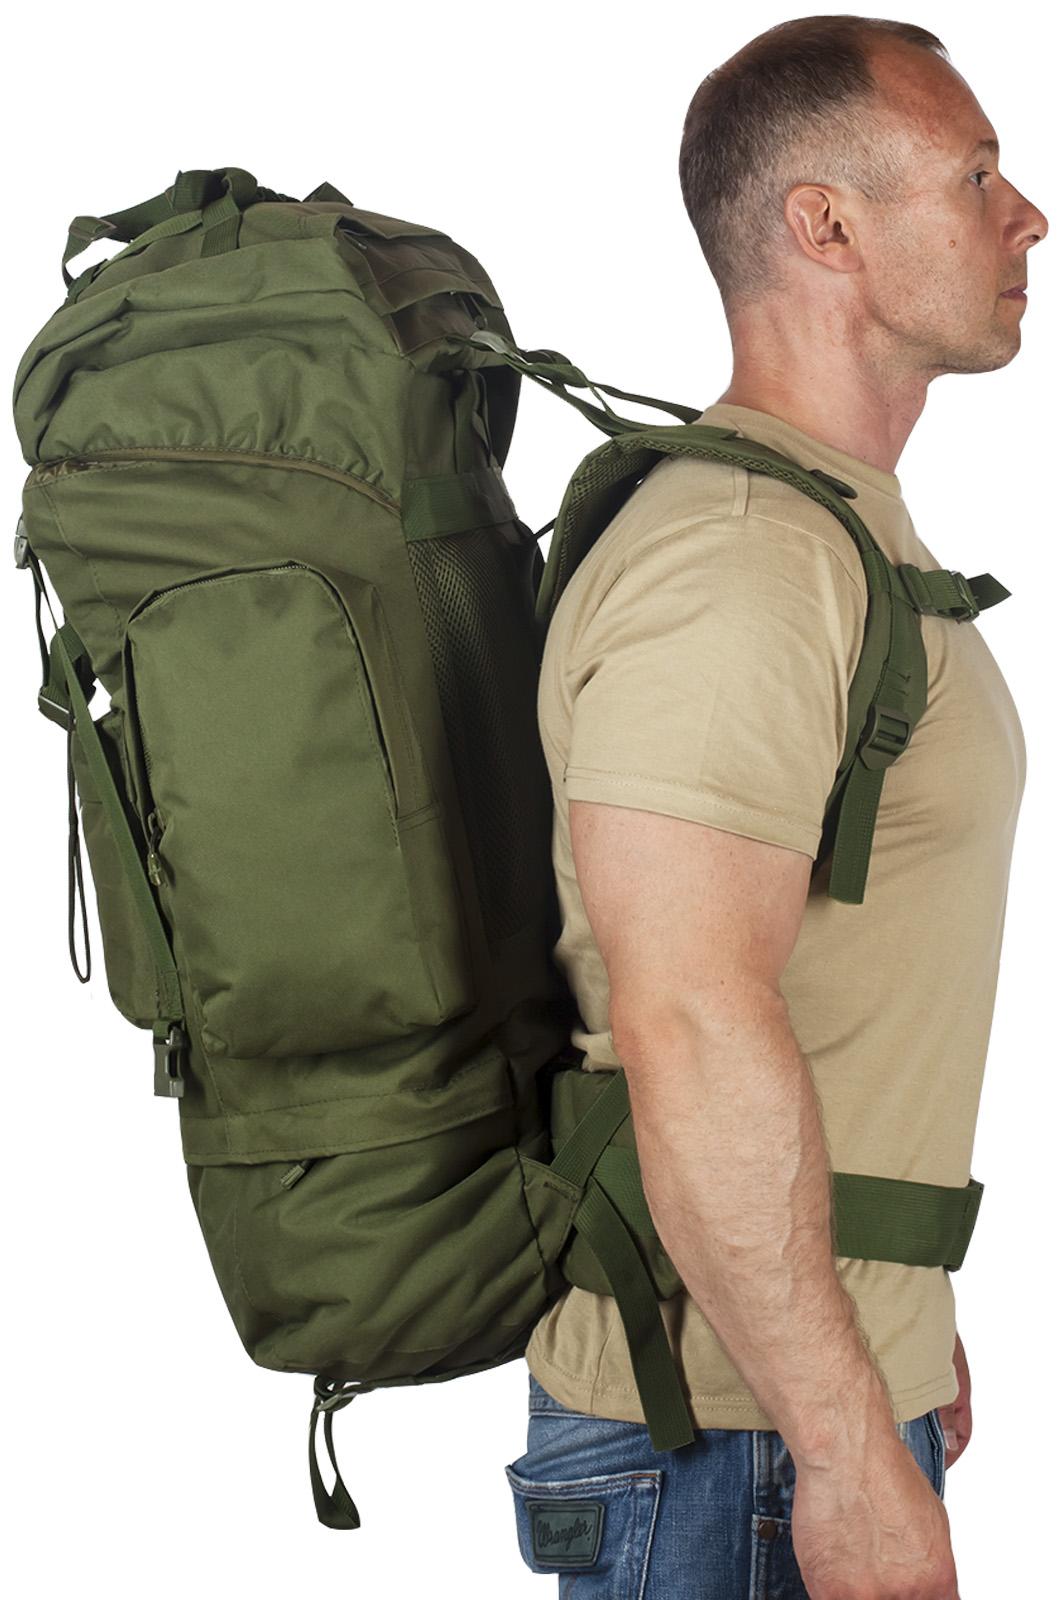 Армейский каркасный рюкзак с нашивкой ДПС - купить оптом